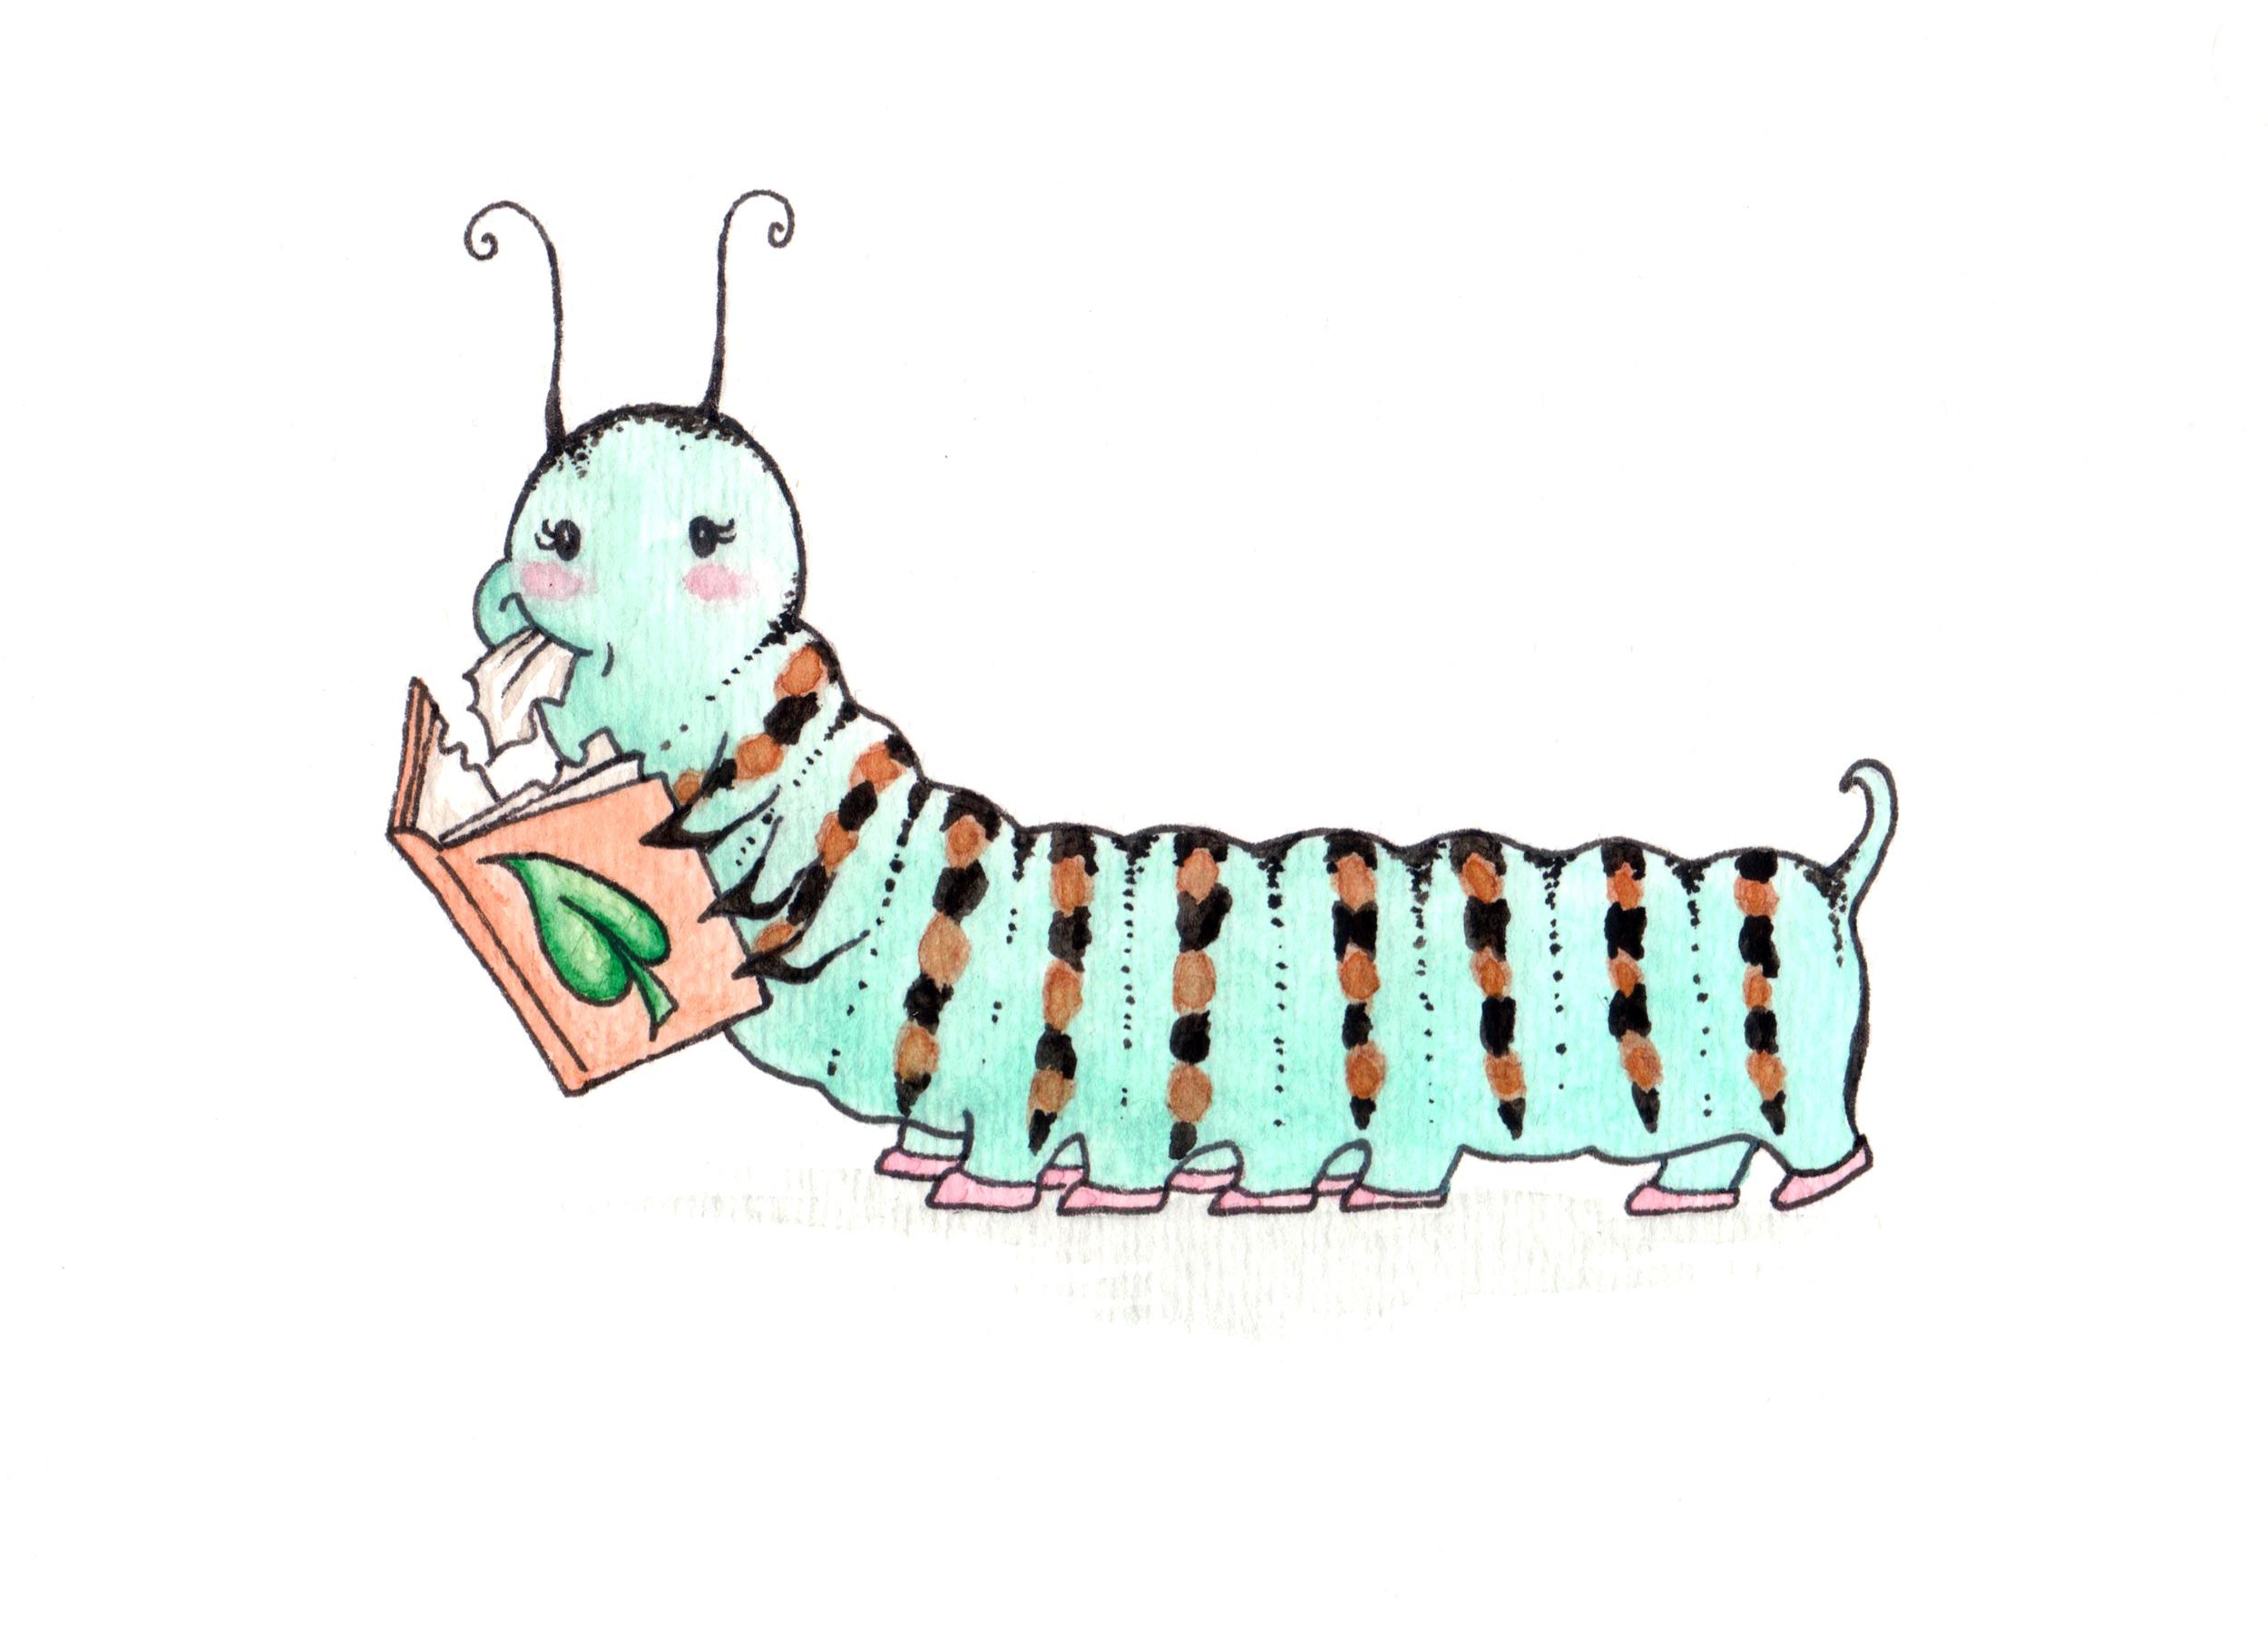 caterpillar final.jpg